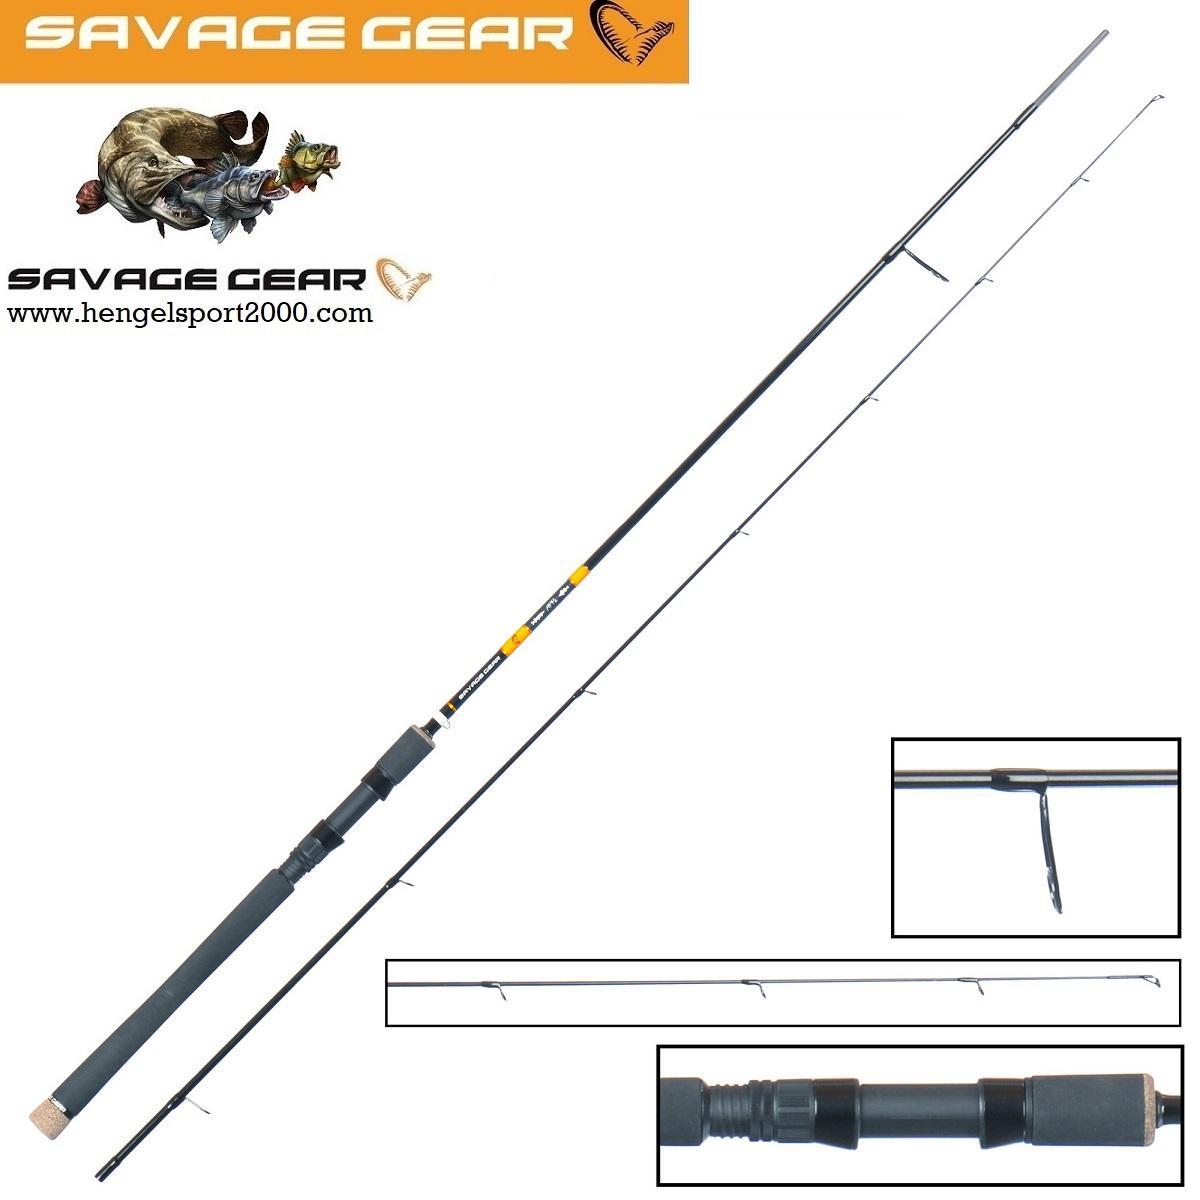 Savage Gear Multi Purpose Predator2 Spin 221 cm 7 - 23 gram